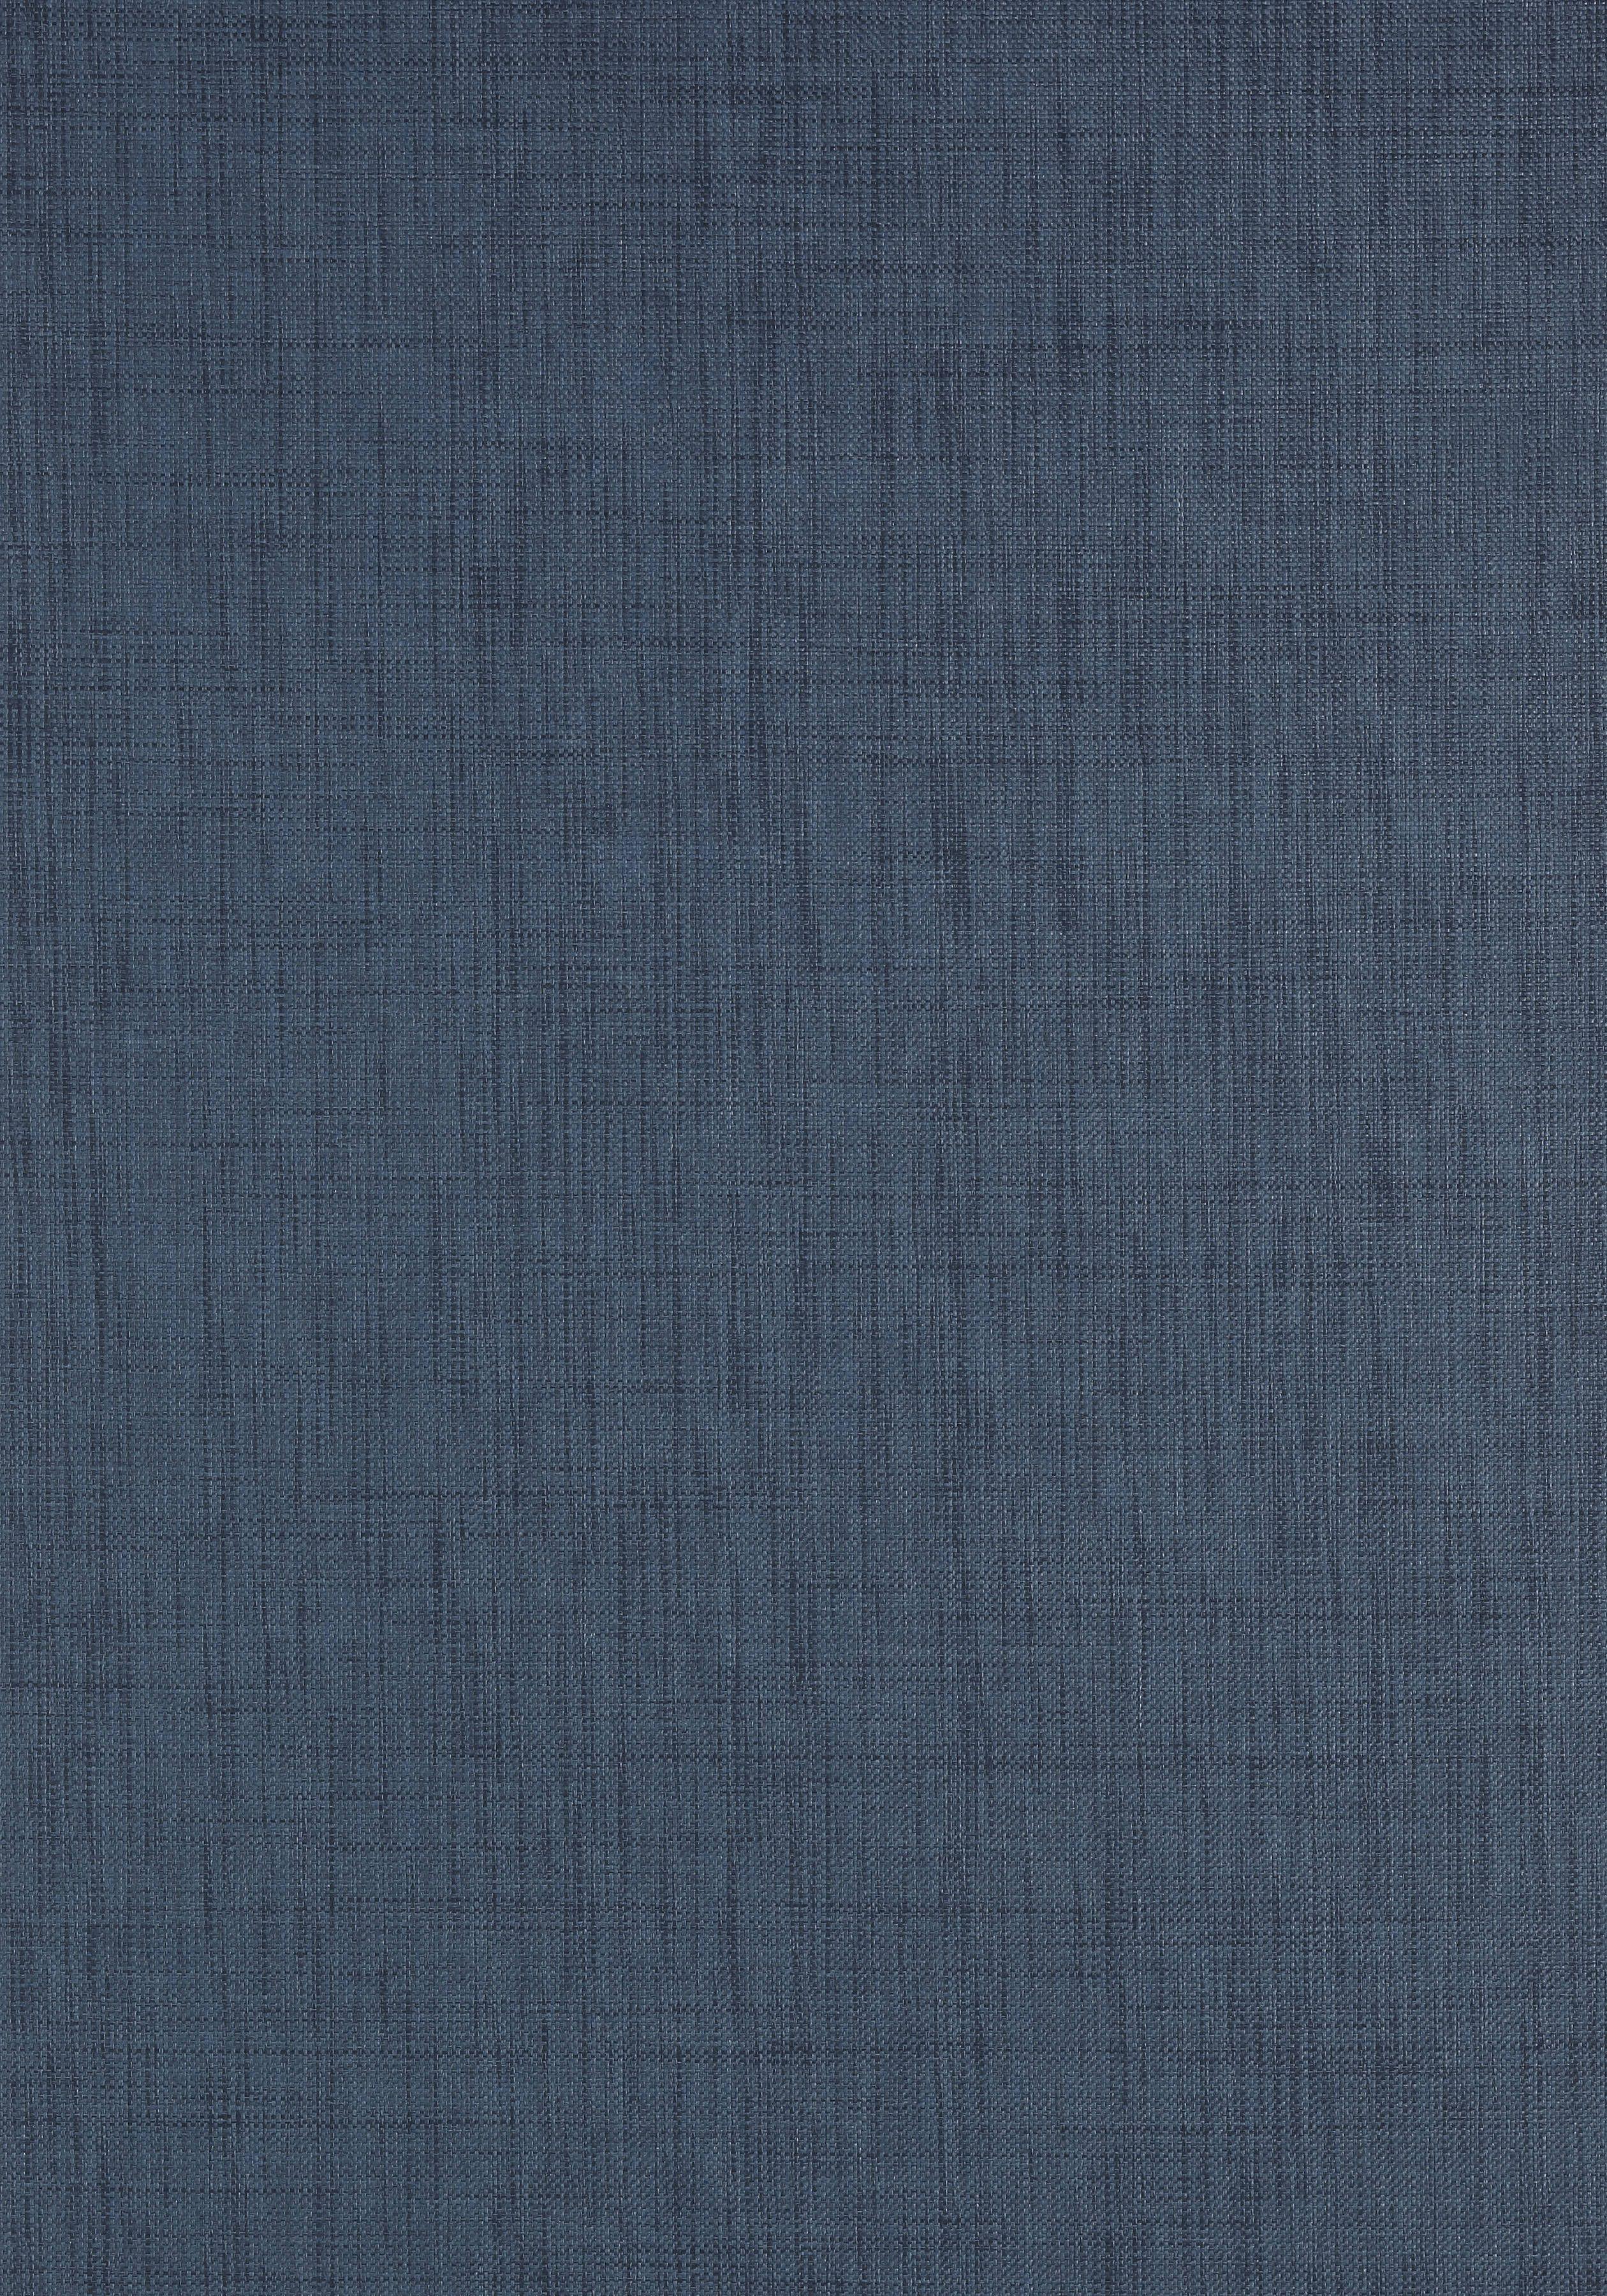 Best Regatta Raffia Navy T5704 Collection Biscayne From 400 x 300